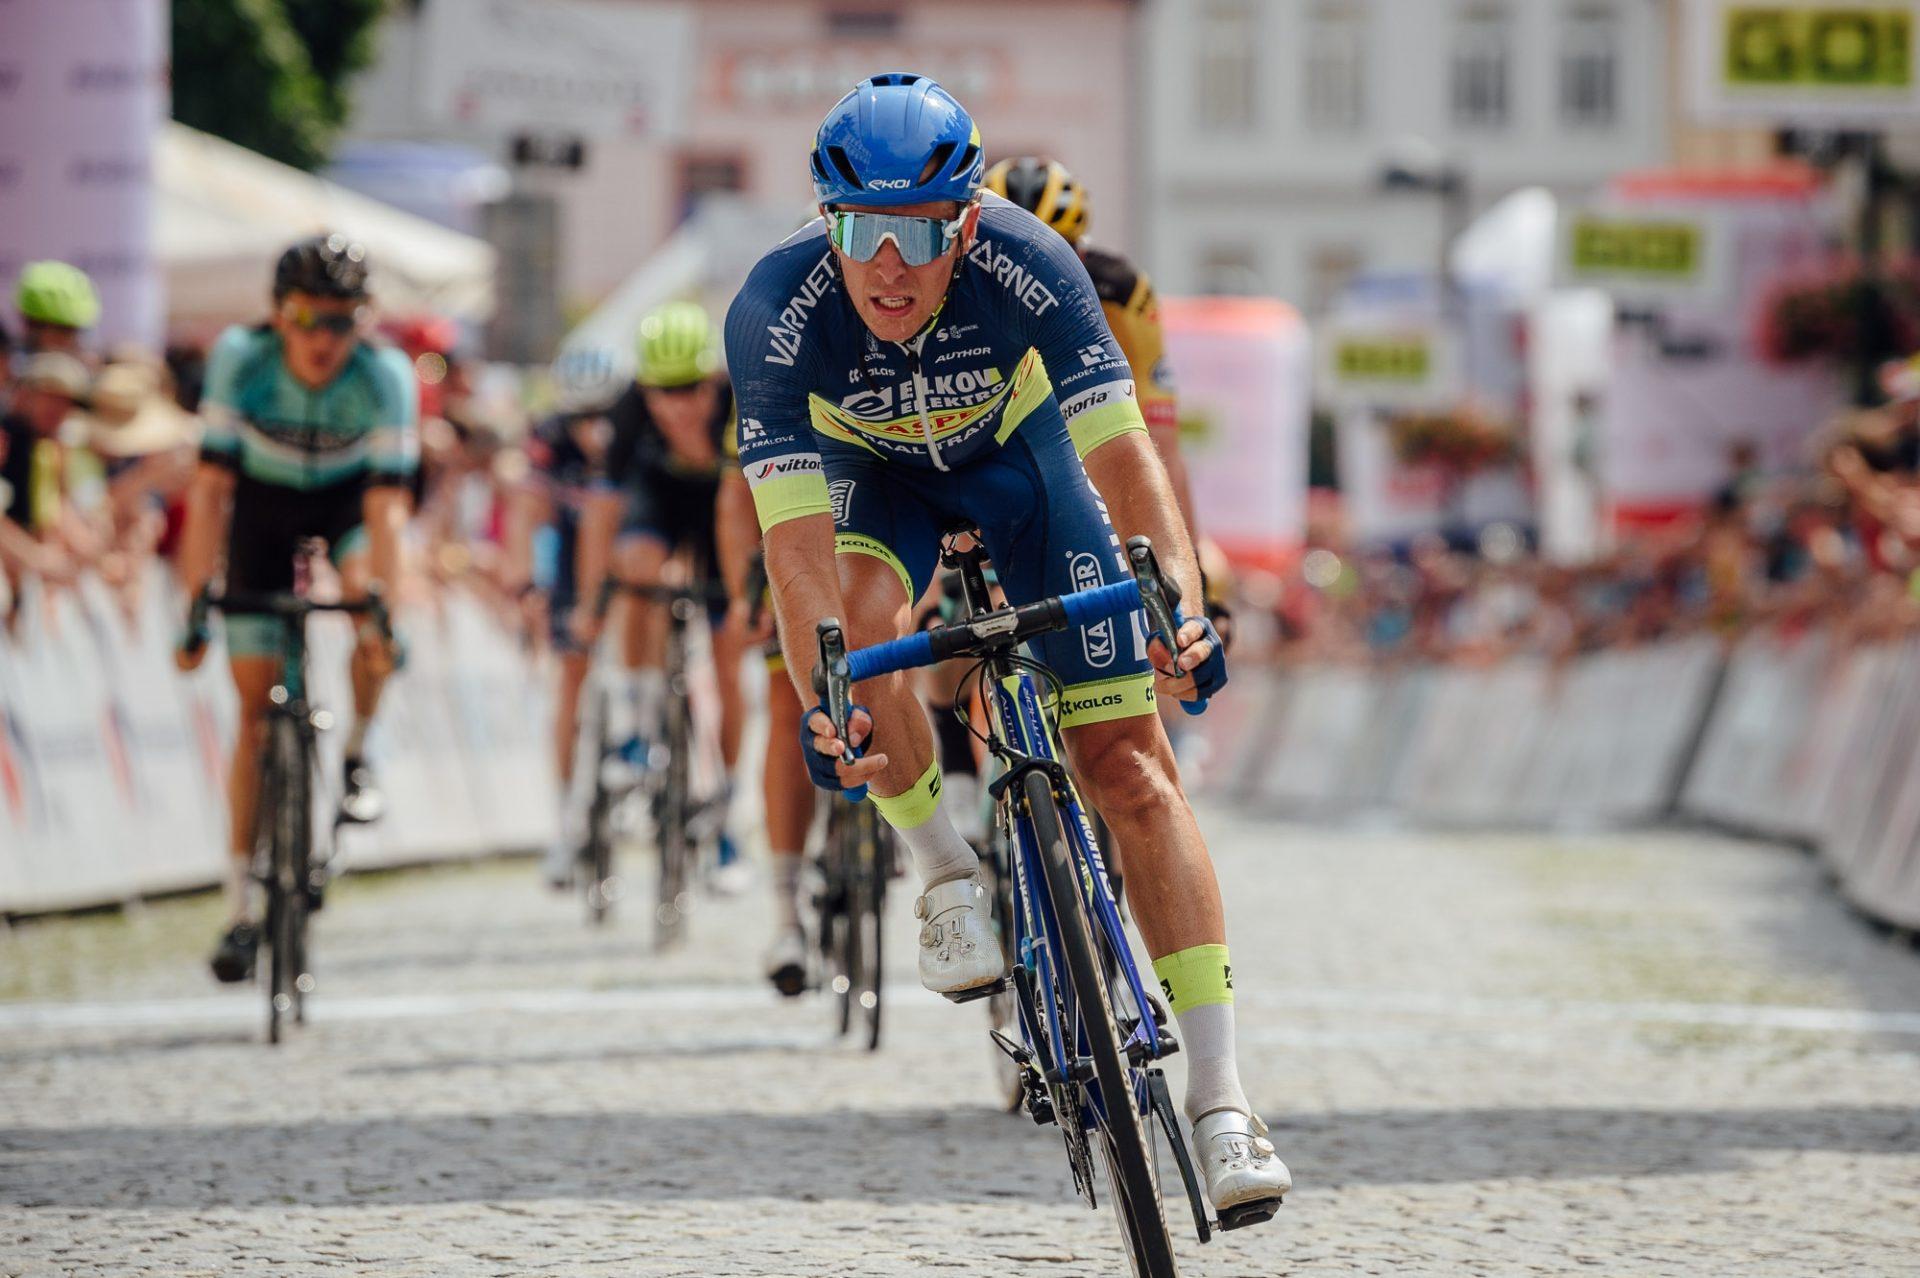 Adam Ťoupalík při závodě Czech Cycling Tour vybojoval čtvrté místo, když oslnil výkonem v královské etapě. Foto: Jan Brychta